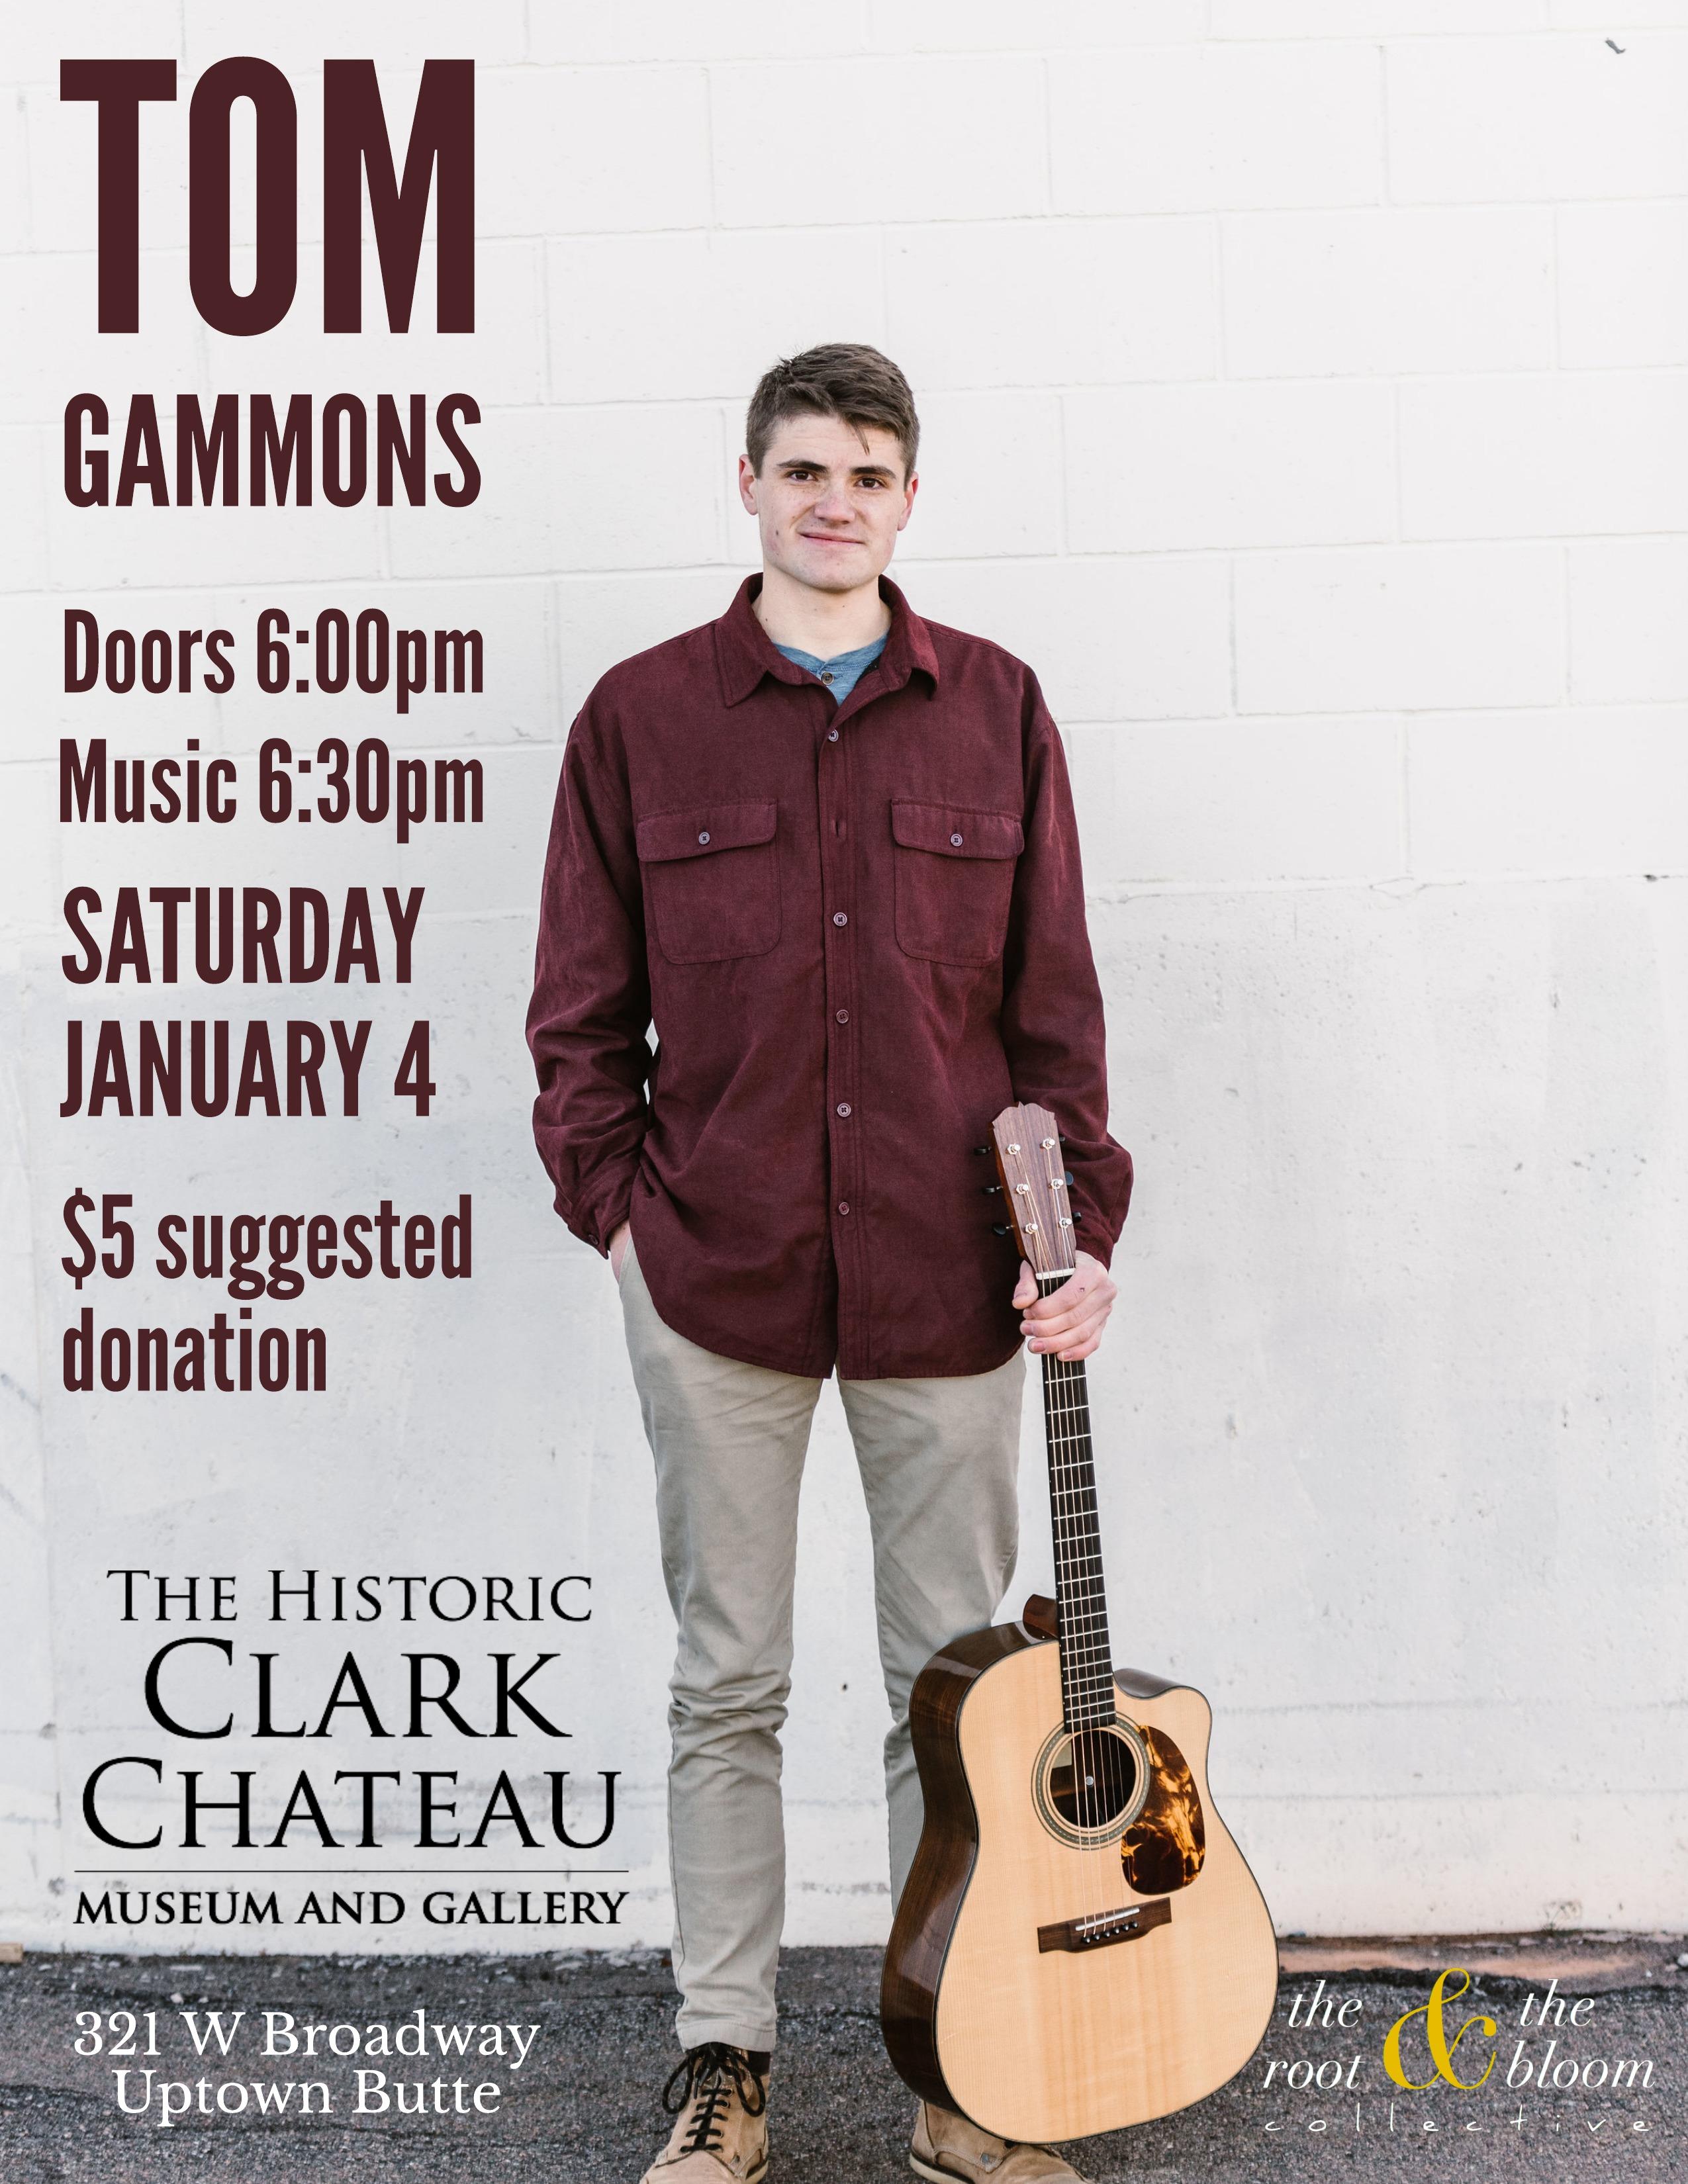 Tom Gammons